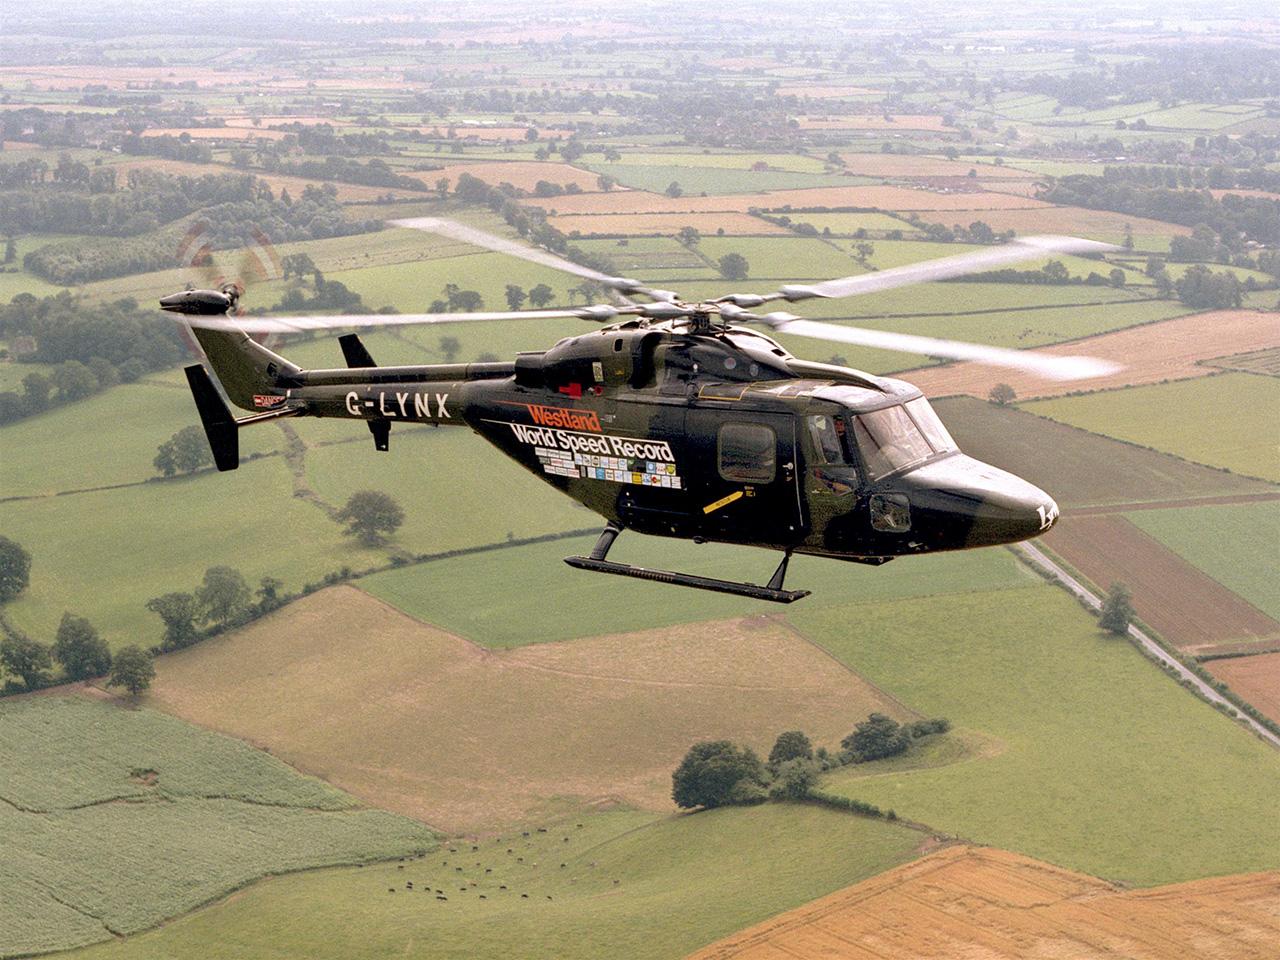 G-Lynx detentor do recorde de velocidade para helicópteros